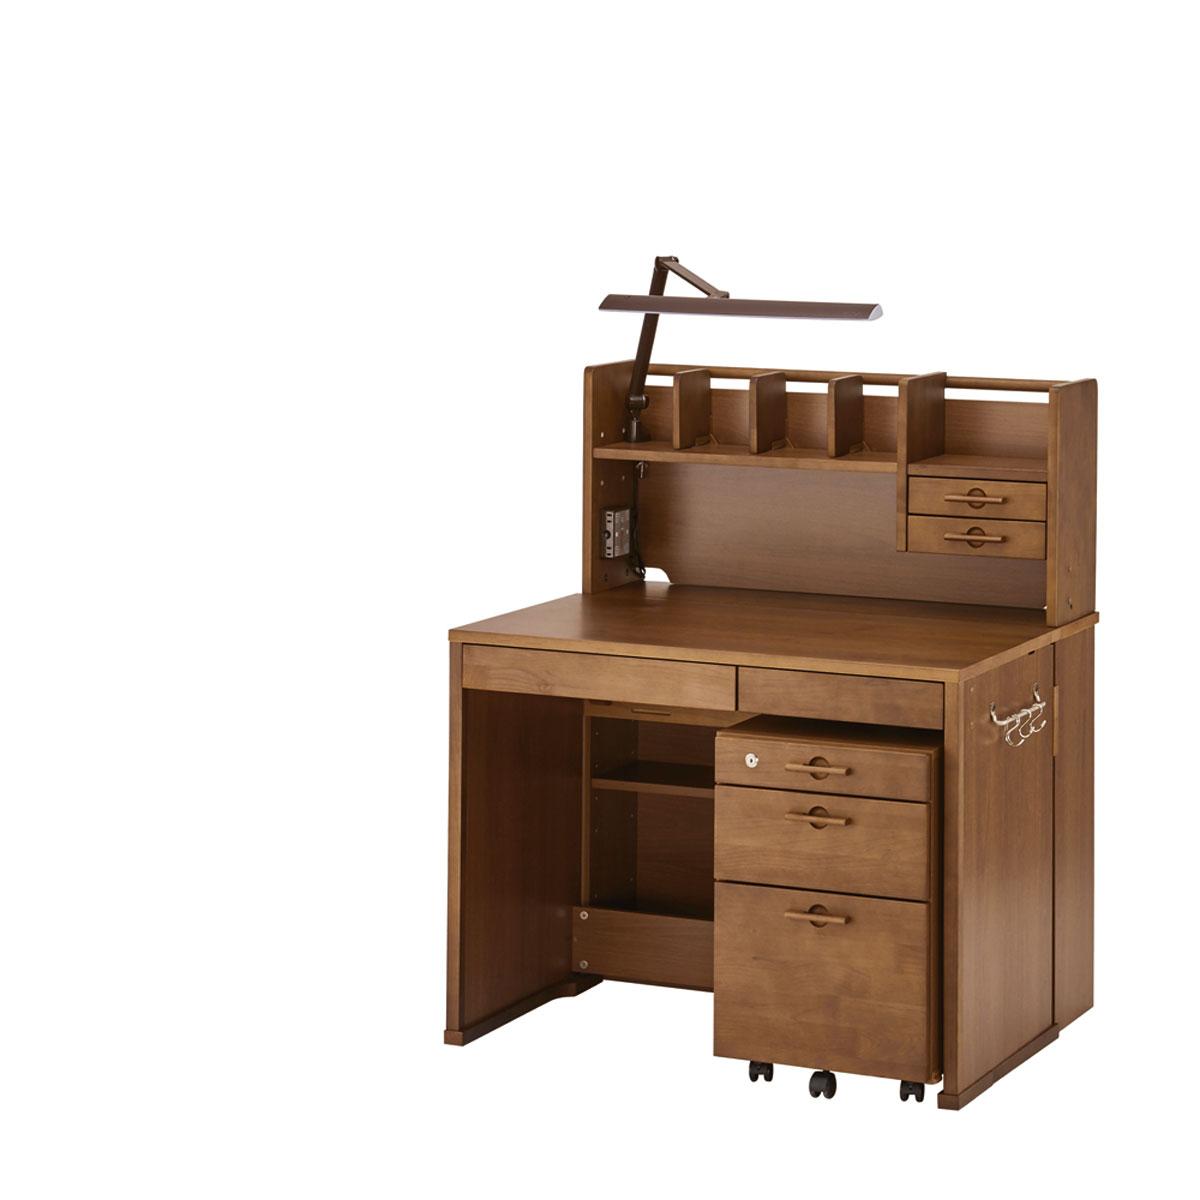 イトーキ リーモ 組みかえ型デスク 机天板高さ/76cm カフェブラウン NAH-F09-L77UAS